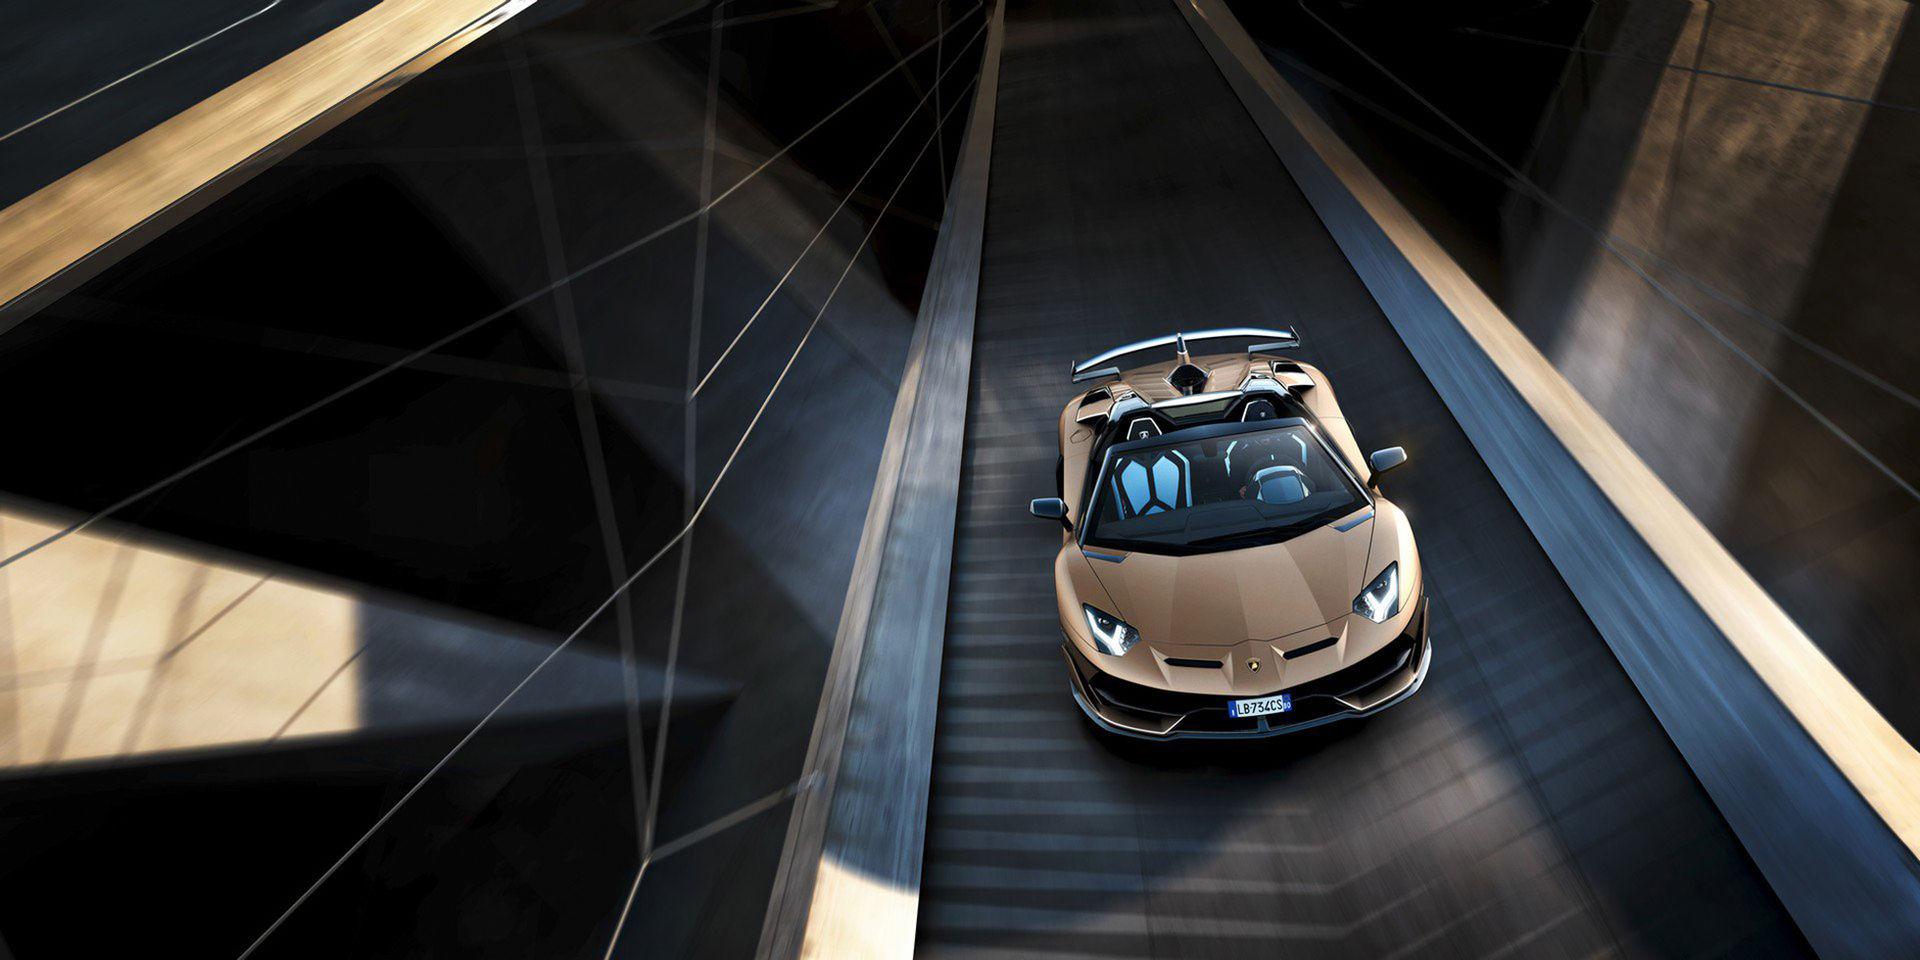 Nu finns Lamborghini Aventador SVJ även som cab